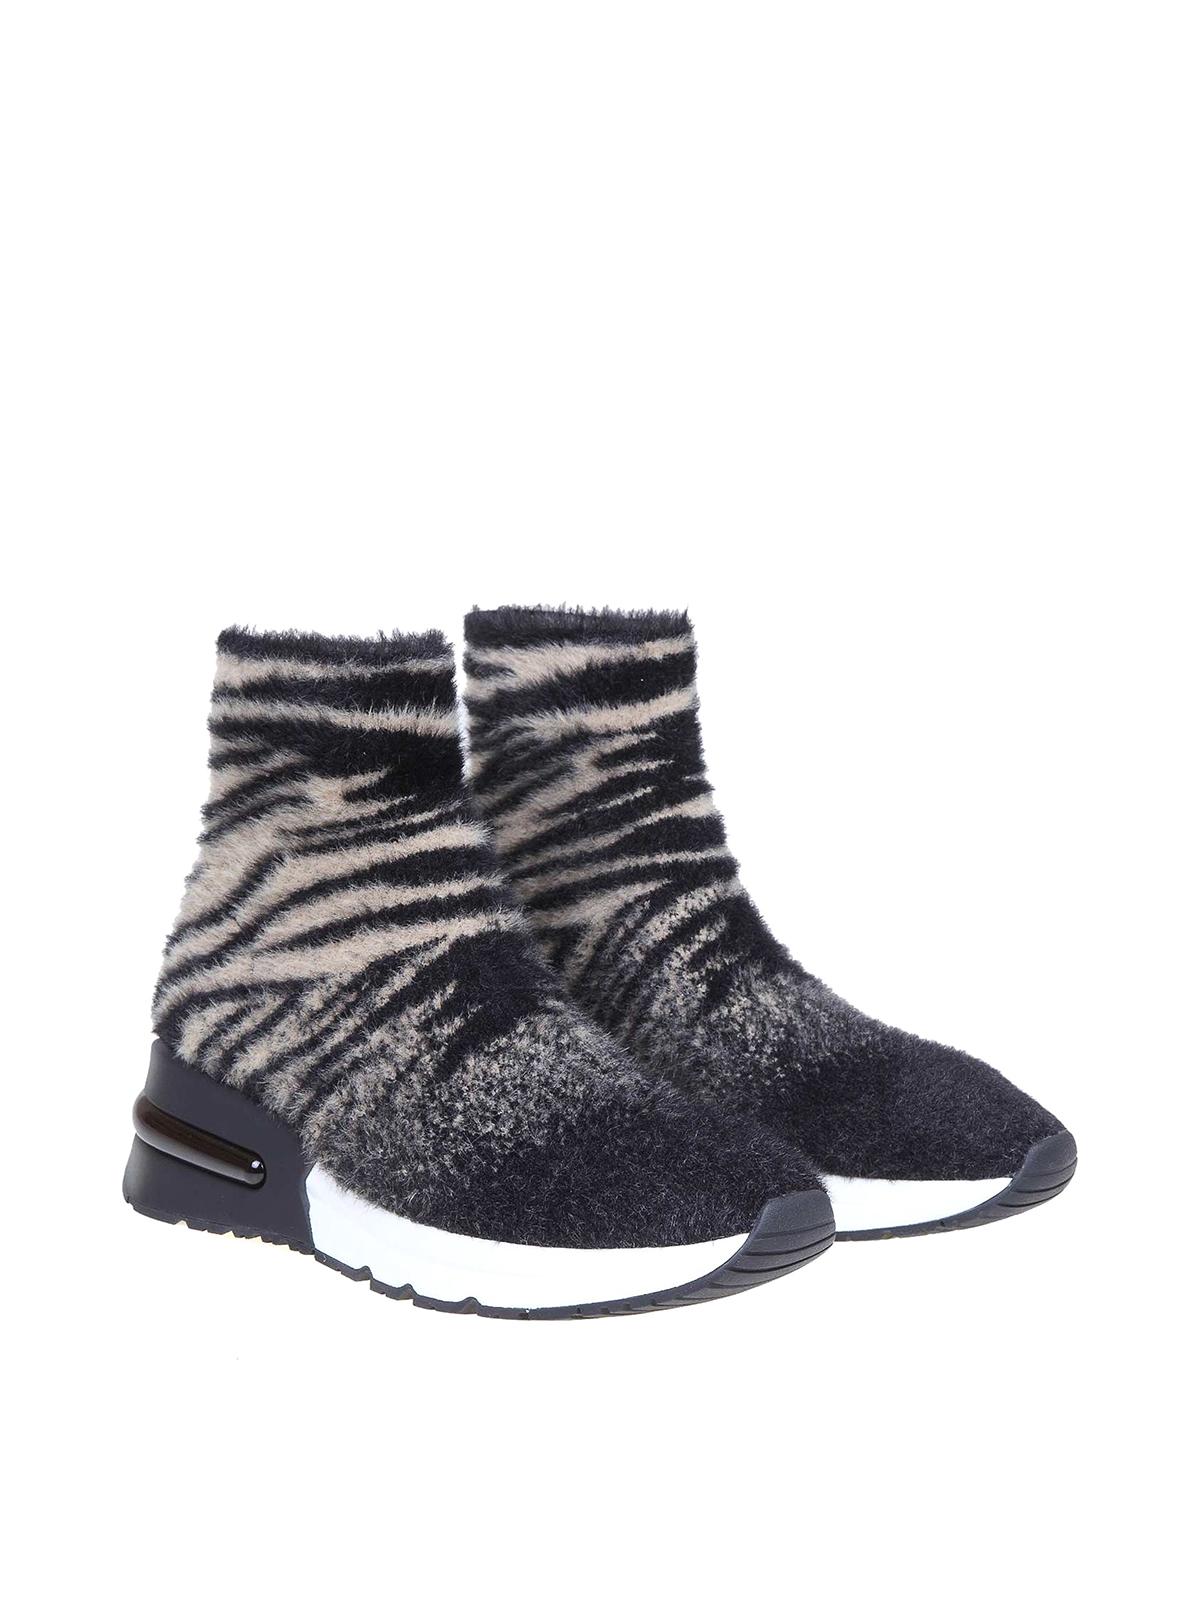 Ash - King tiger print sock sneakers